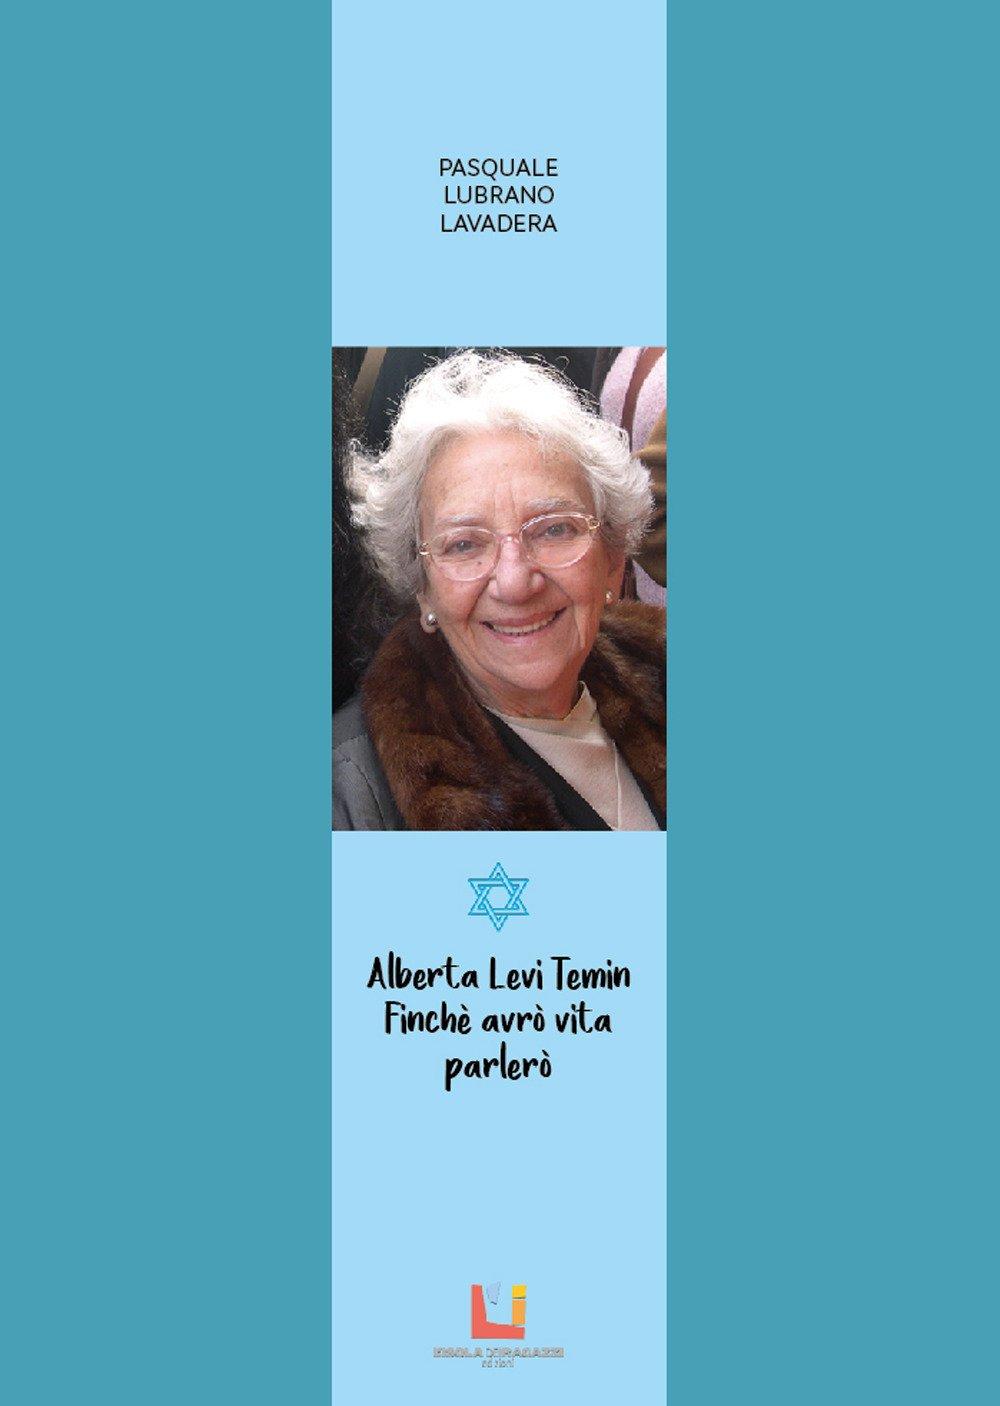 9788895621395 Pasquale Lubrano Lavadera 2018 - Alberta Levi Temin ... 56533f3da317